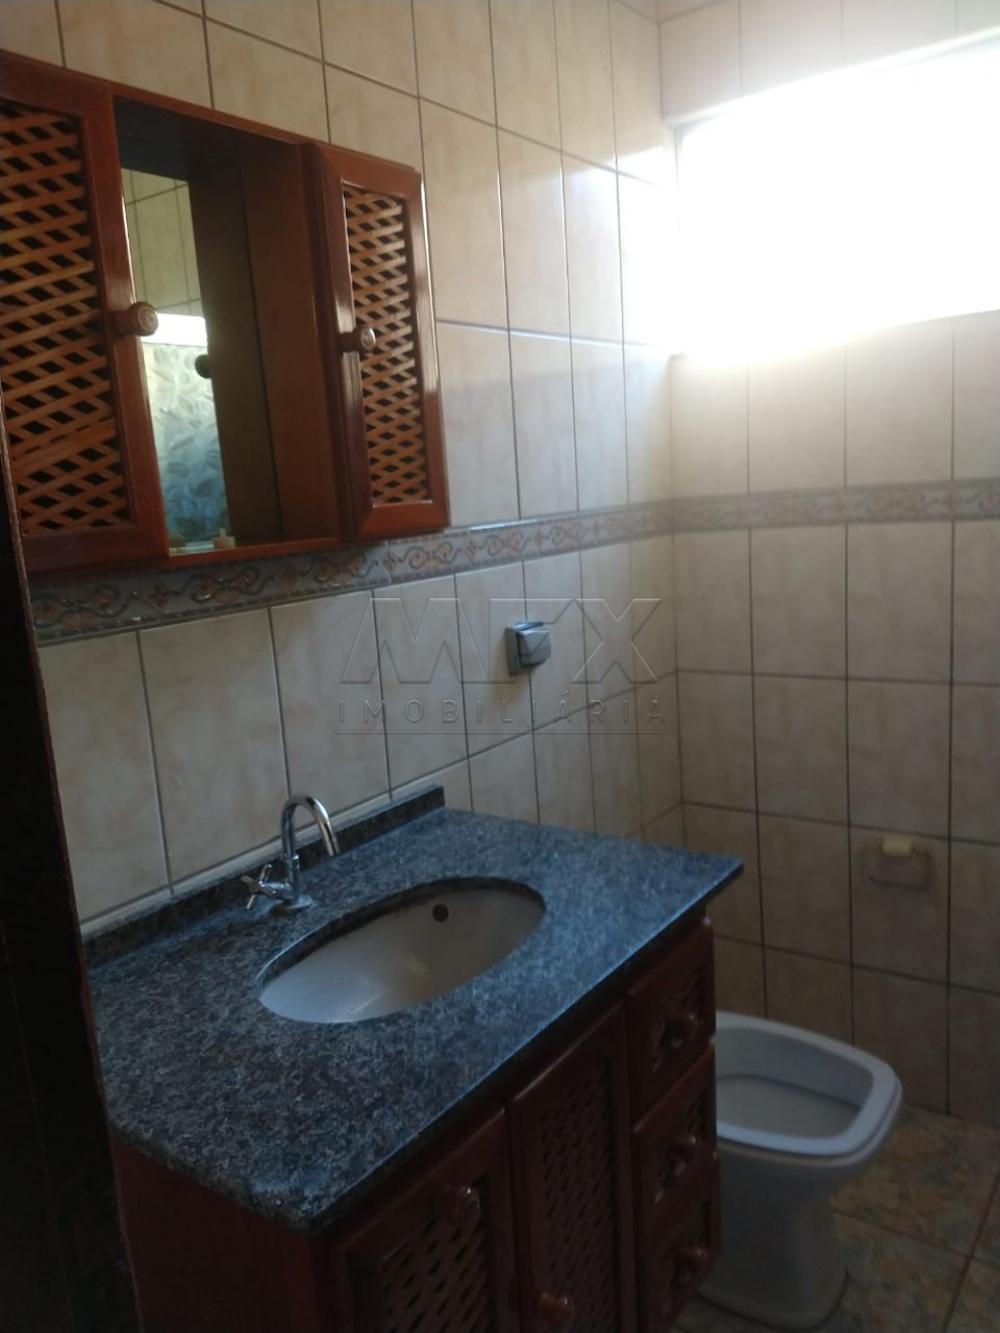 Comprar Casa / Padrão em Bauru R$ 300.000,00 - Foto 8